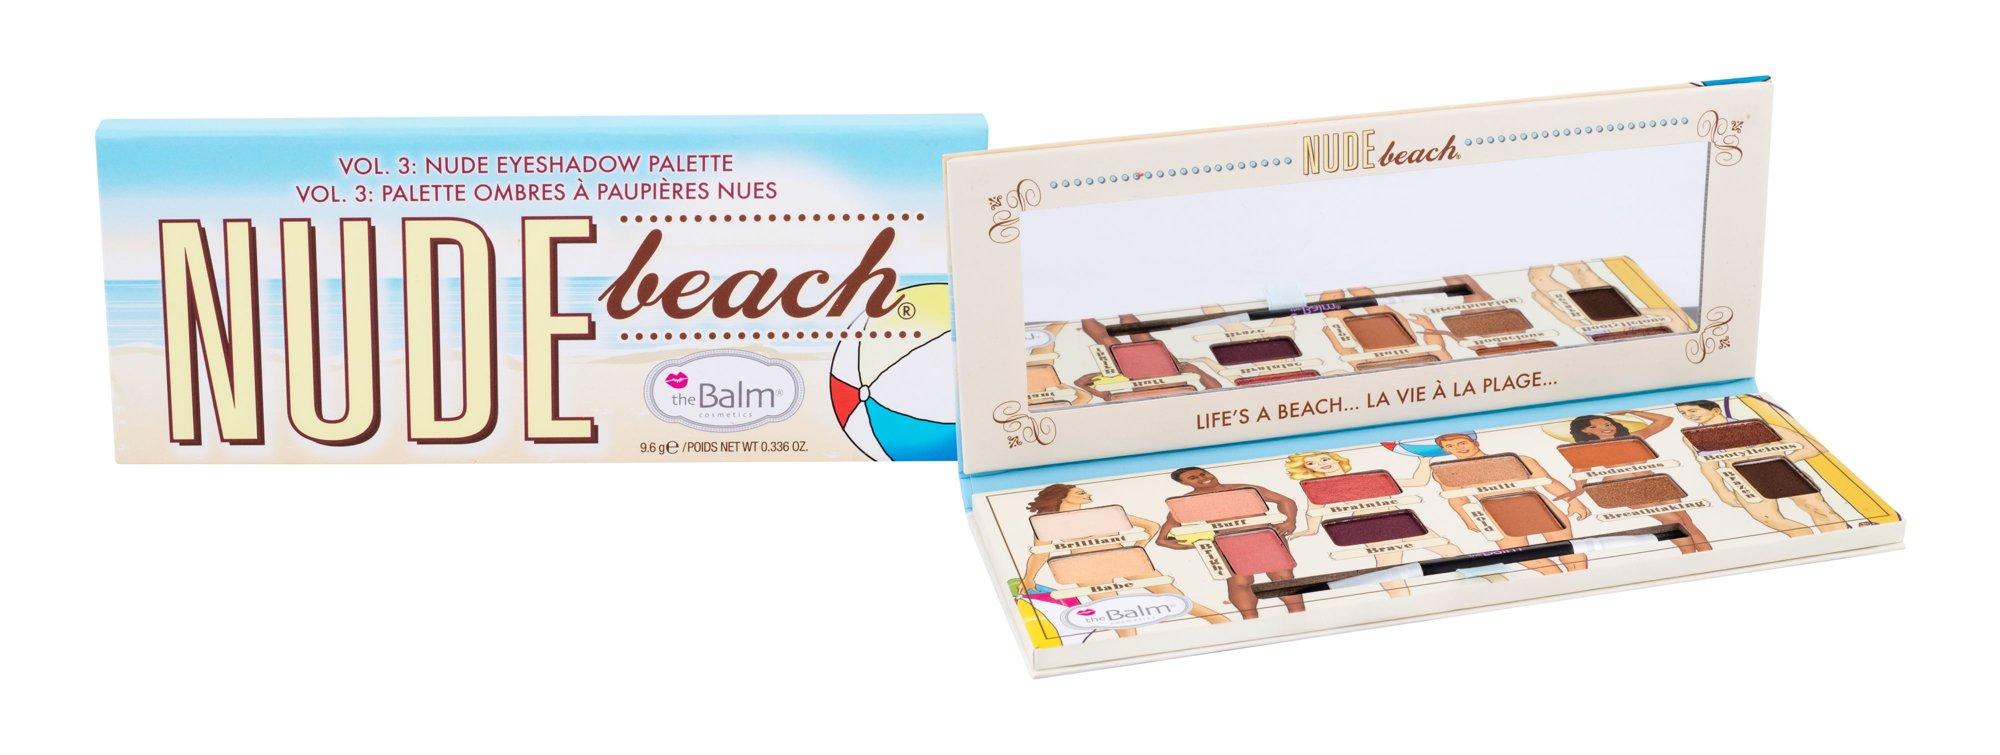 TheBalm Nude Beach Cosmetic 9,6ml